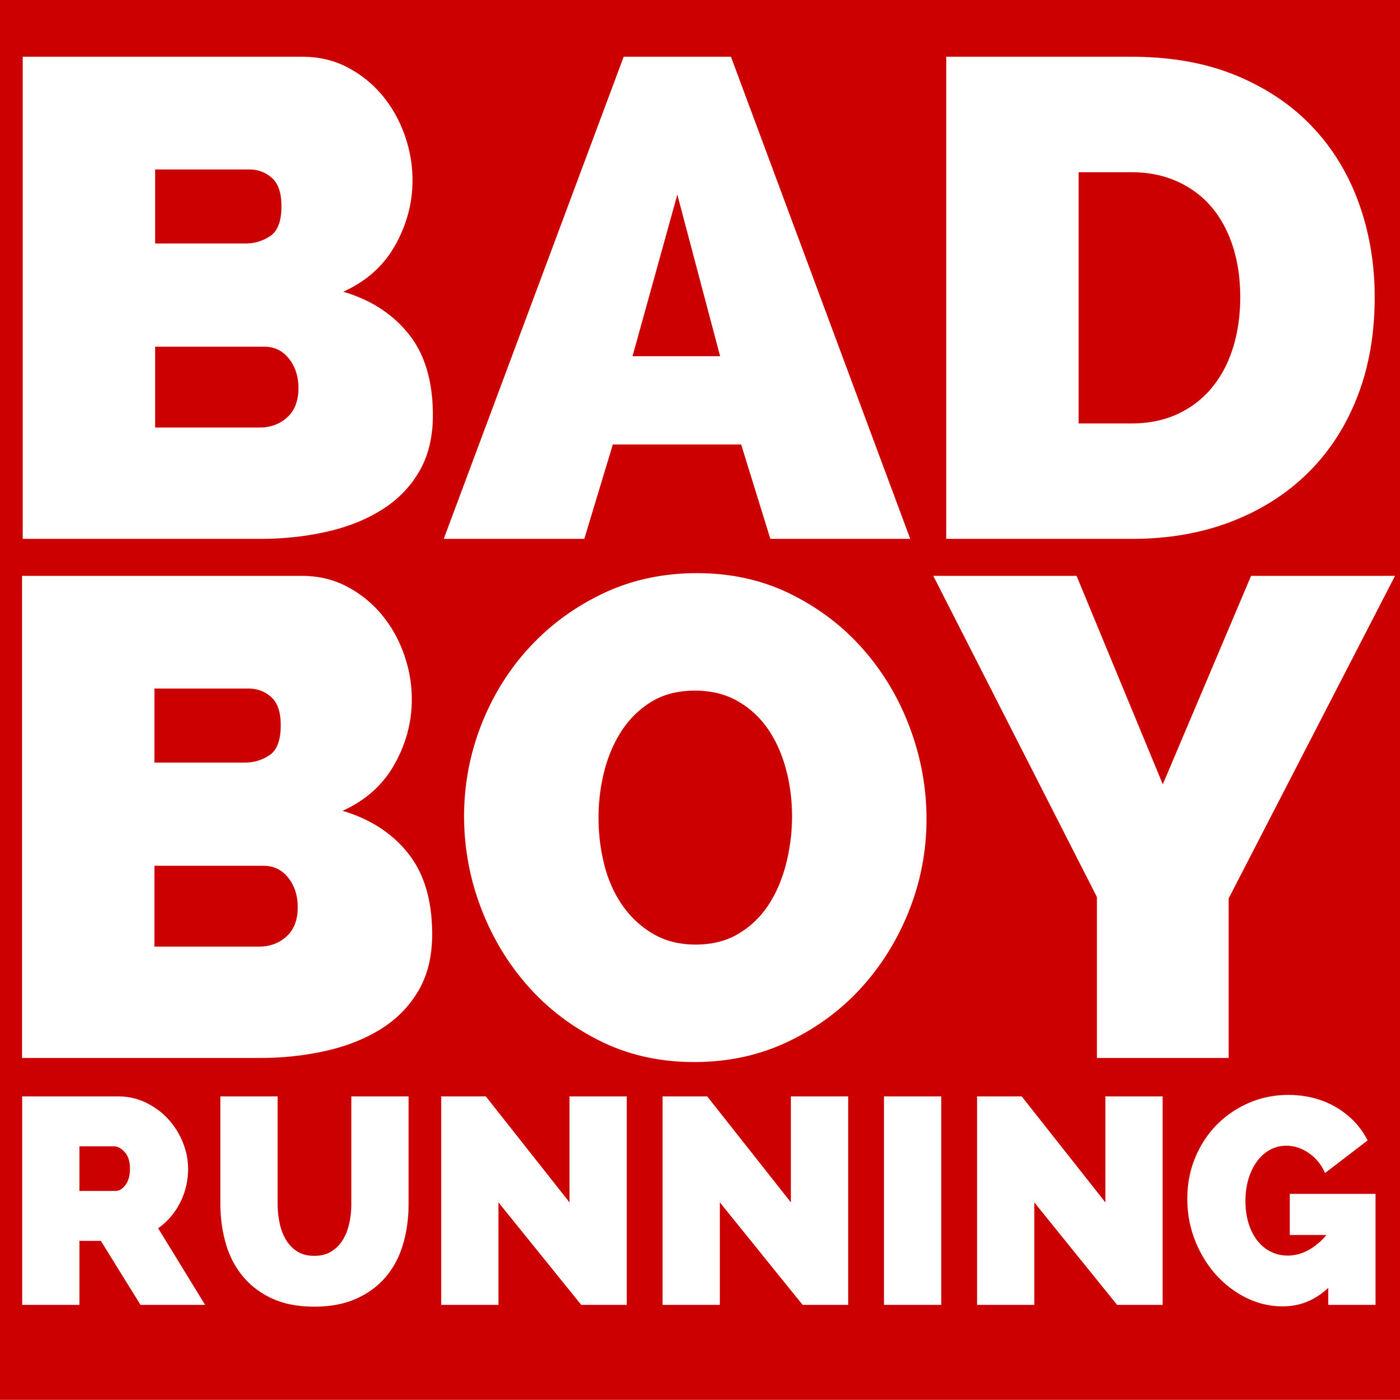 Ep 241 - BONUS - Gary House on coaching runners